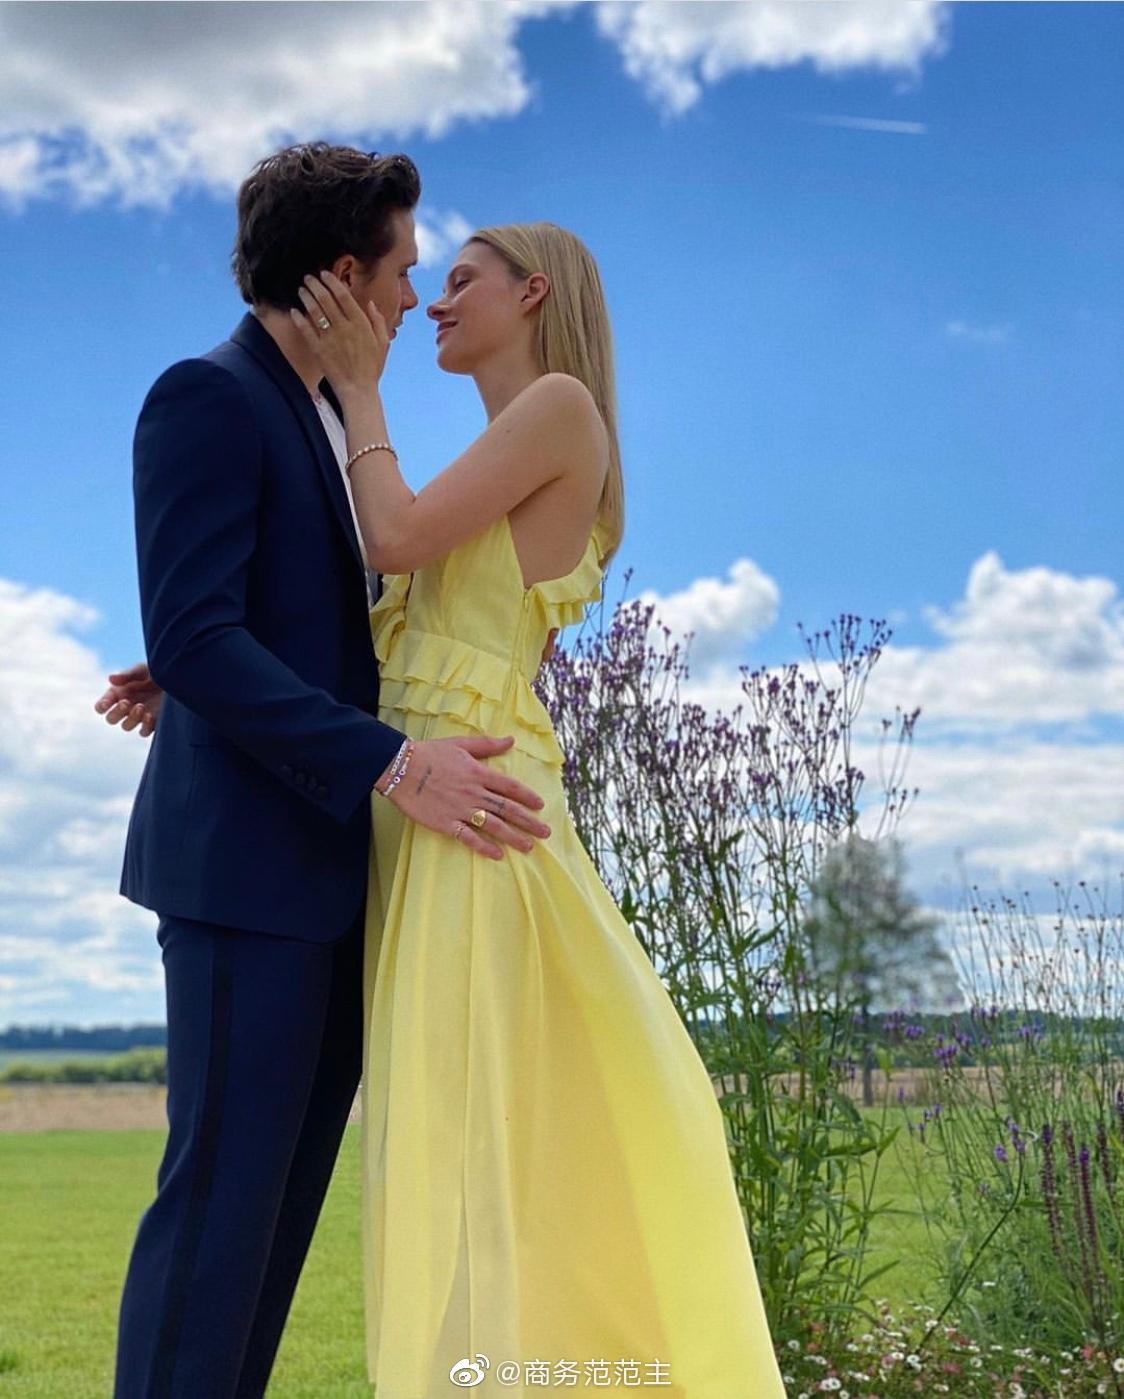 上周末,小贝大儿子布鲁克林和女友妮可拉·佩尔茨官宣订婚